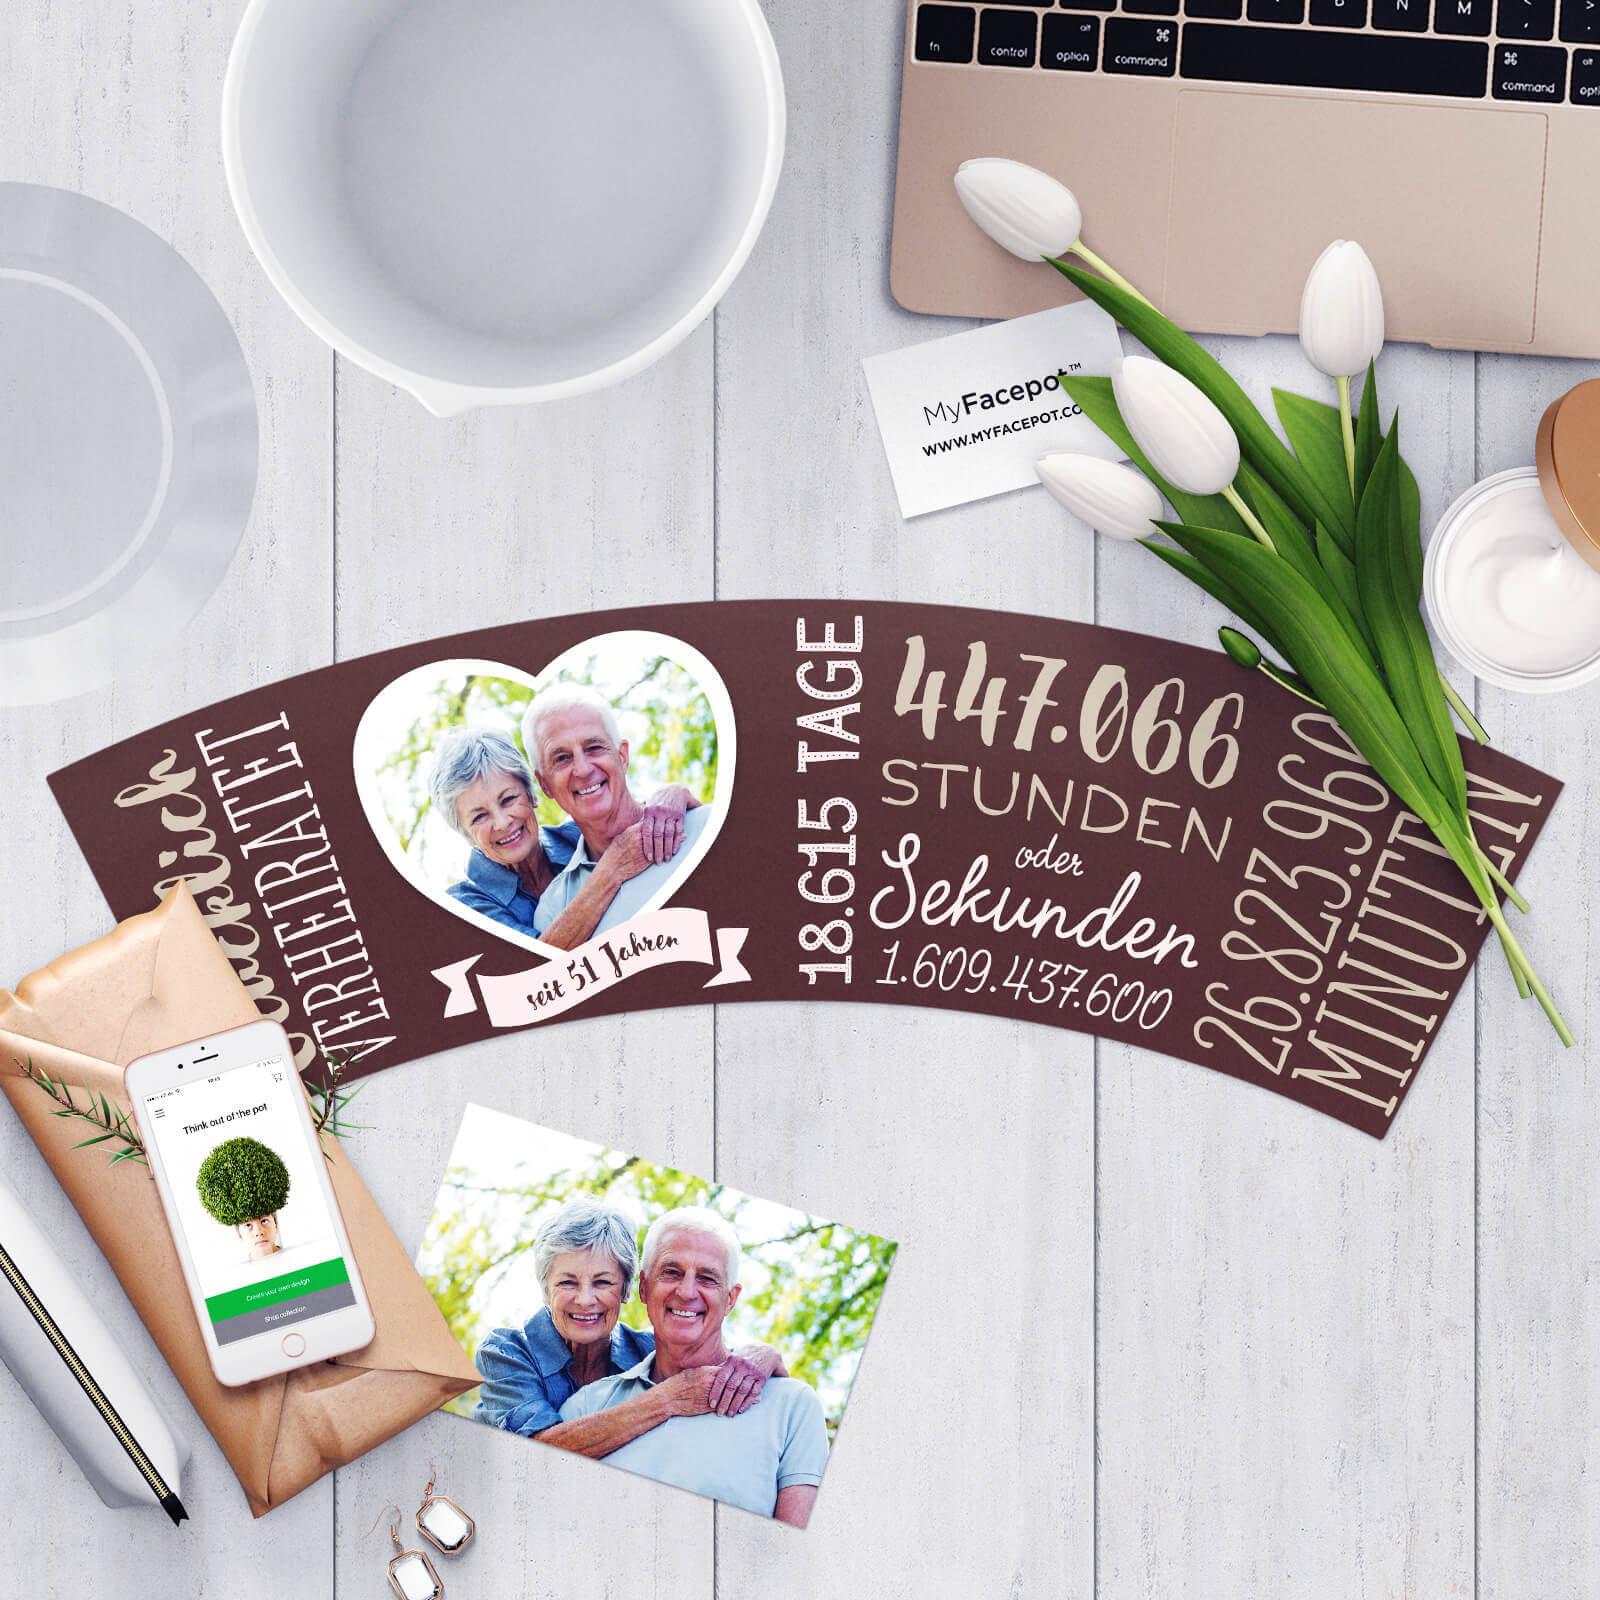 Personalisiertes Geschenk zum 51 Hochzeitstag